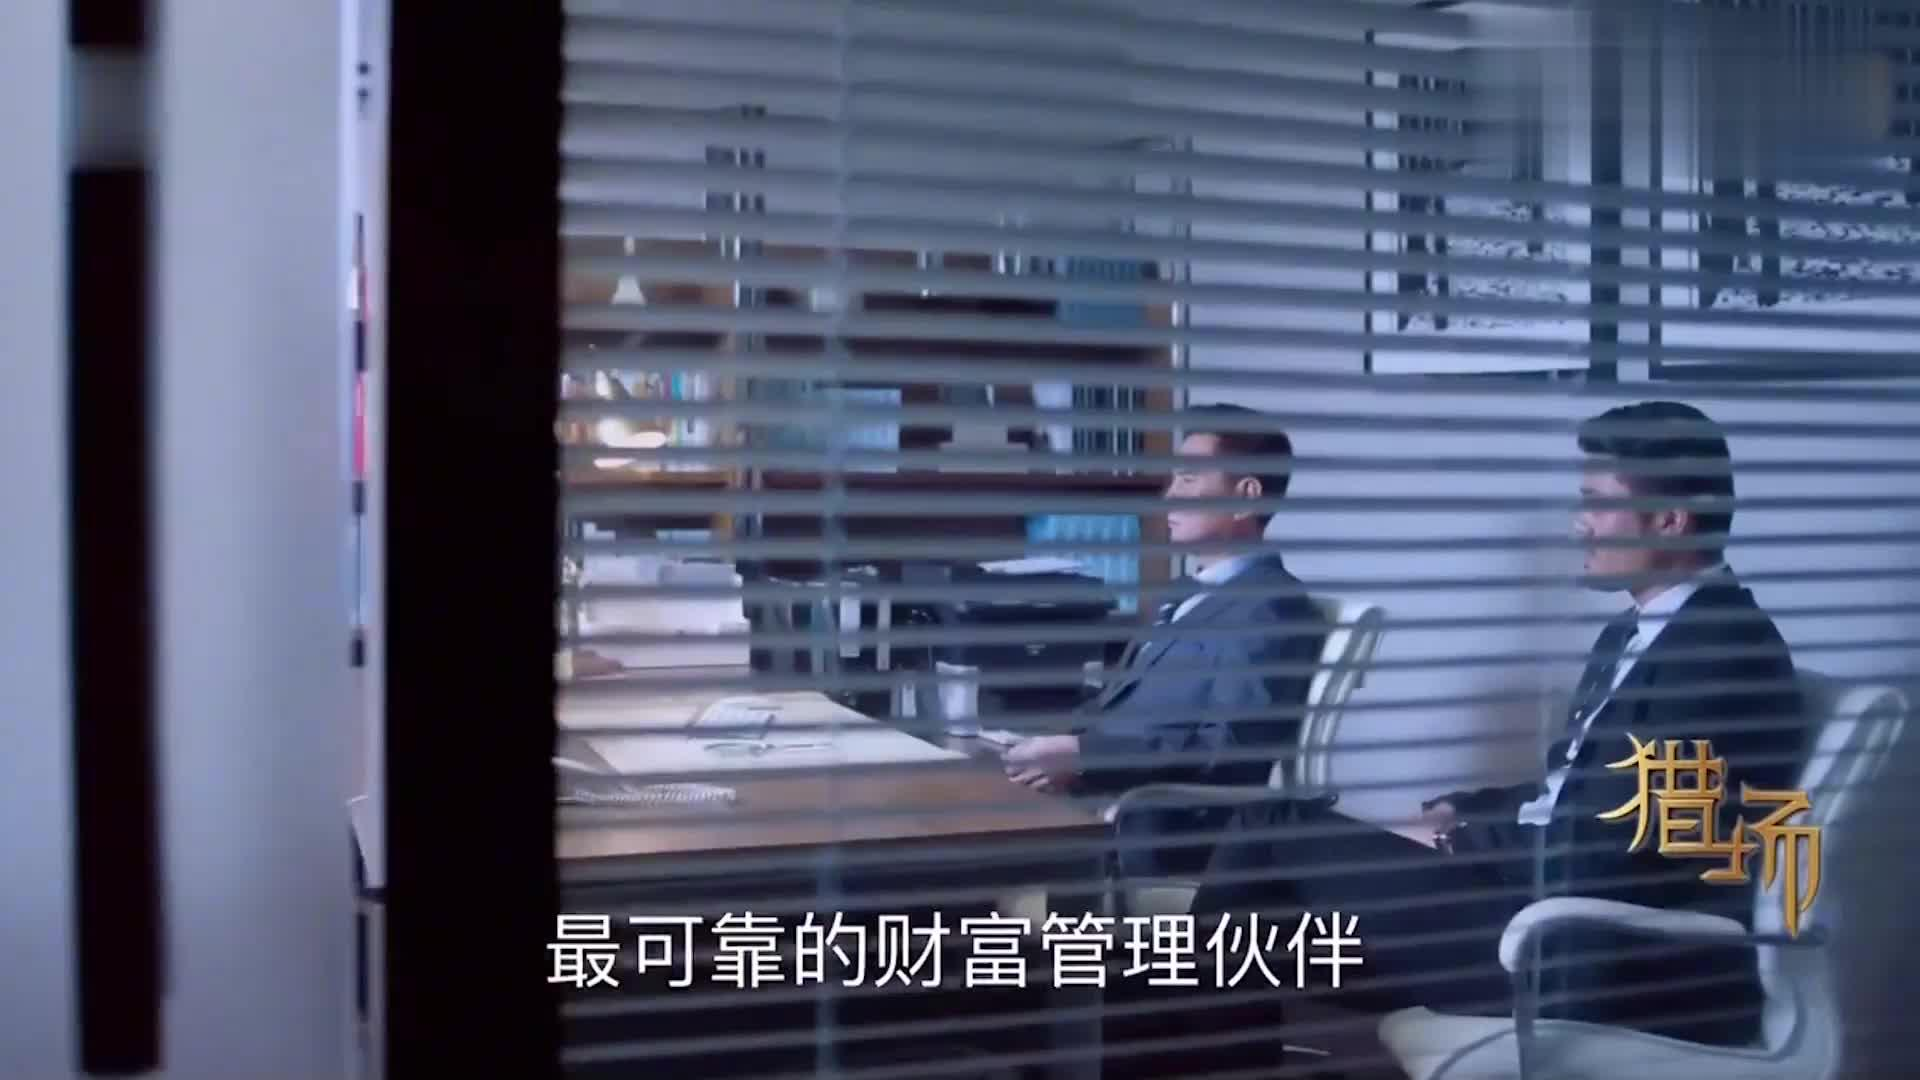 郑秋冬去了法资银行,林拜却觉得这件事情有猫腻!